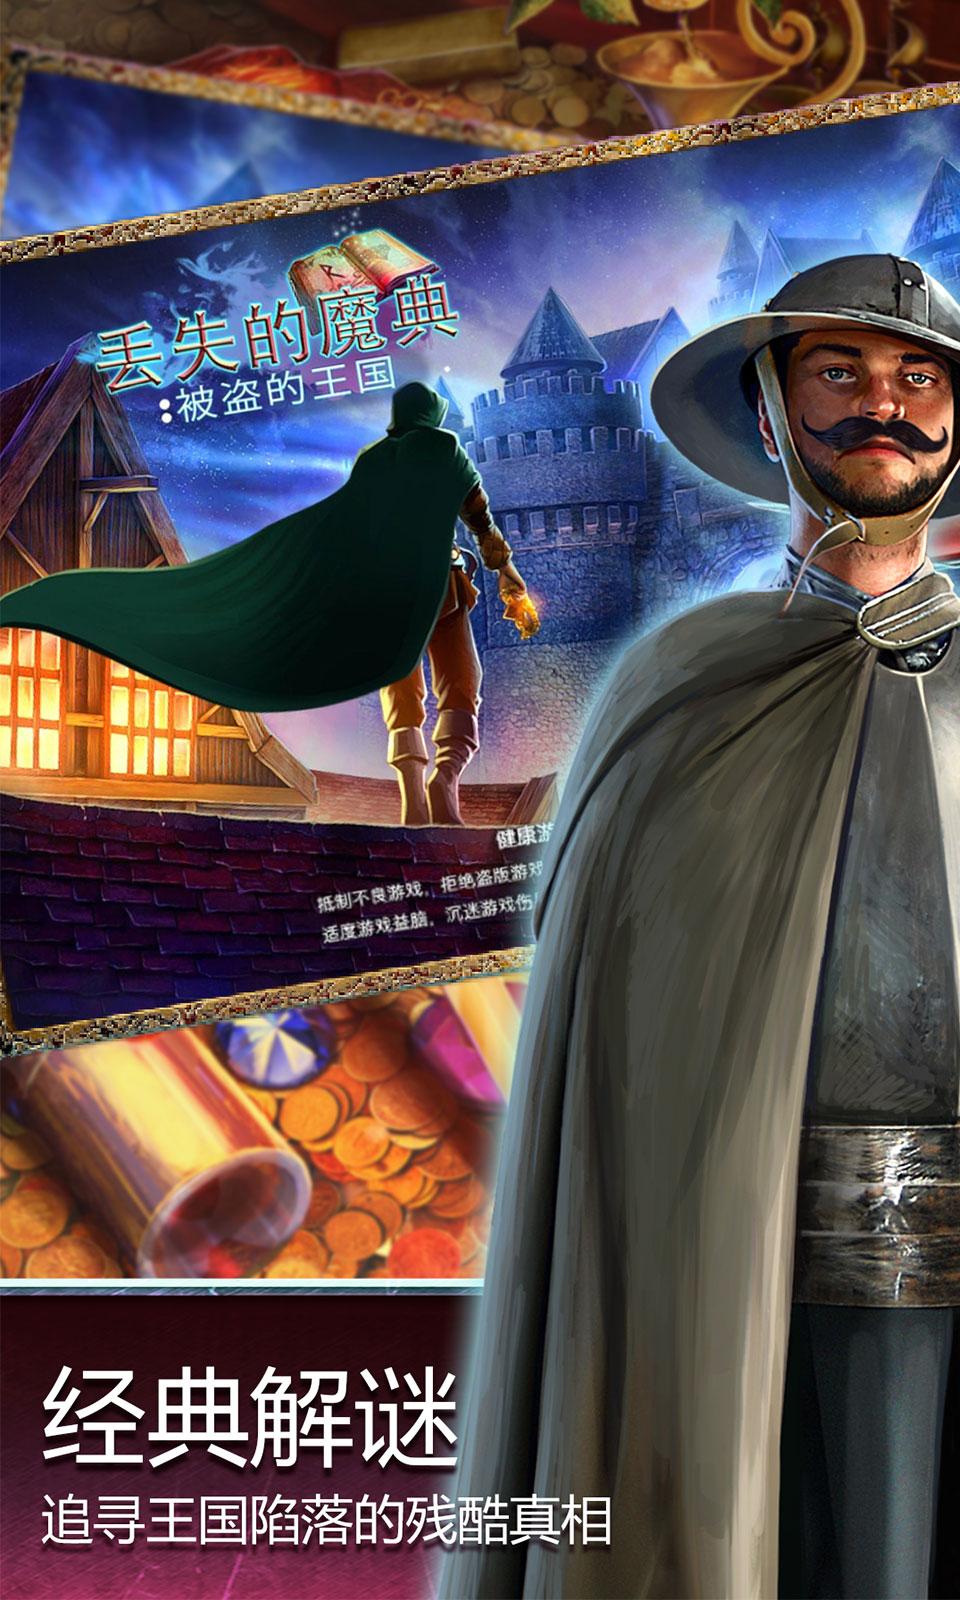 丢失的魔典:被盗的王国